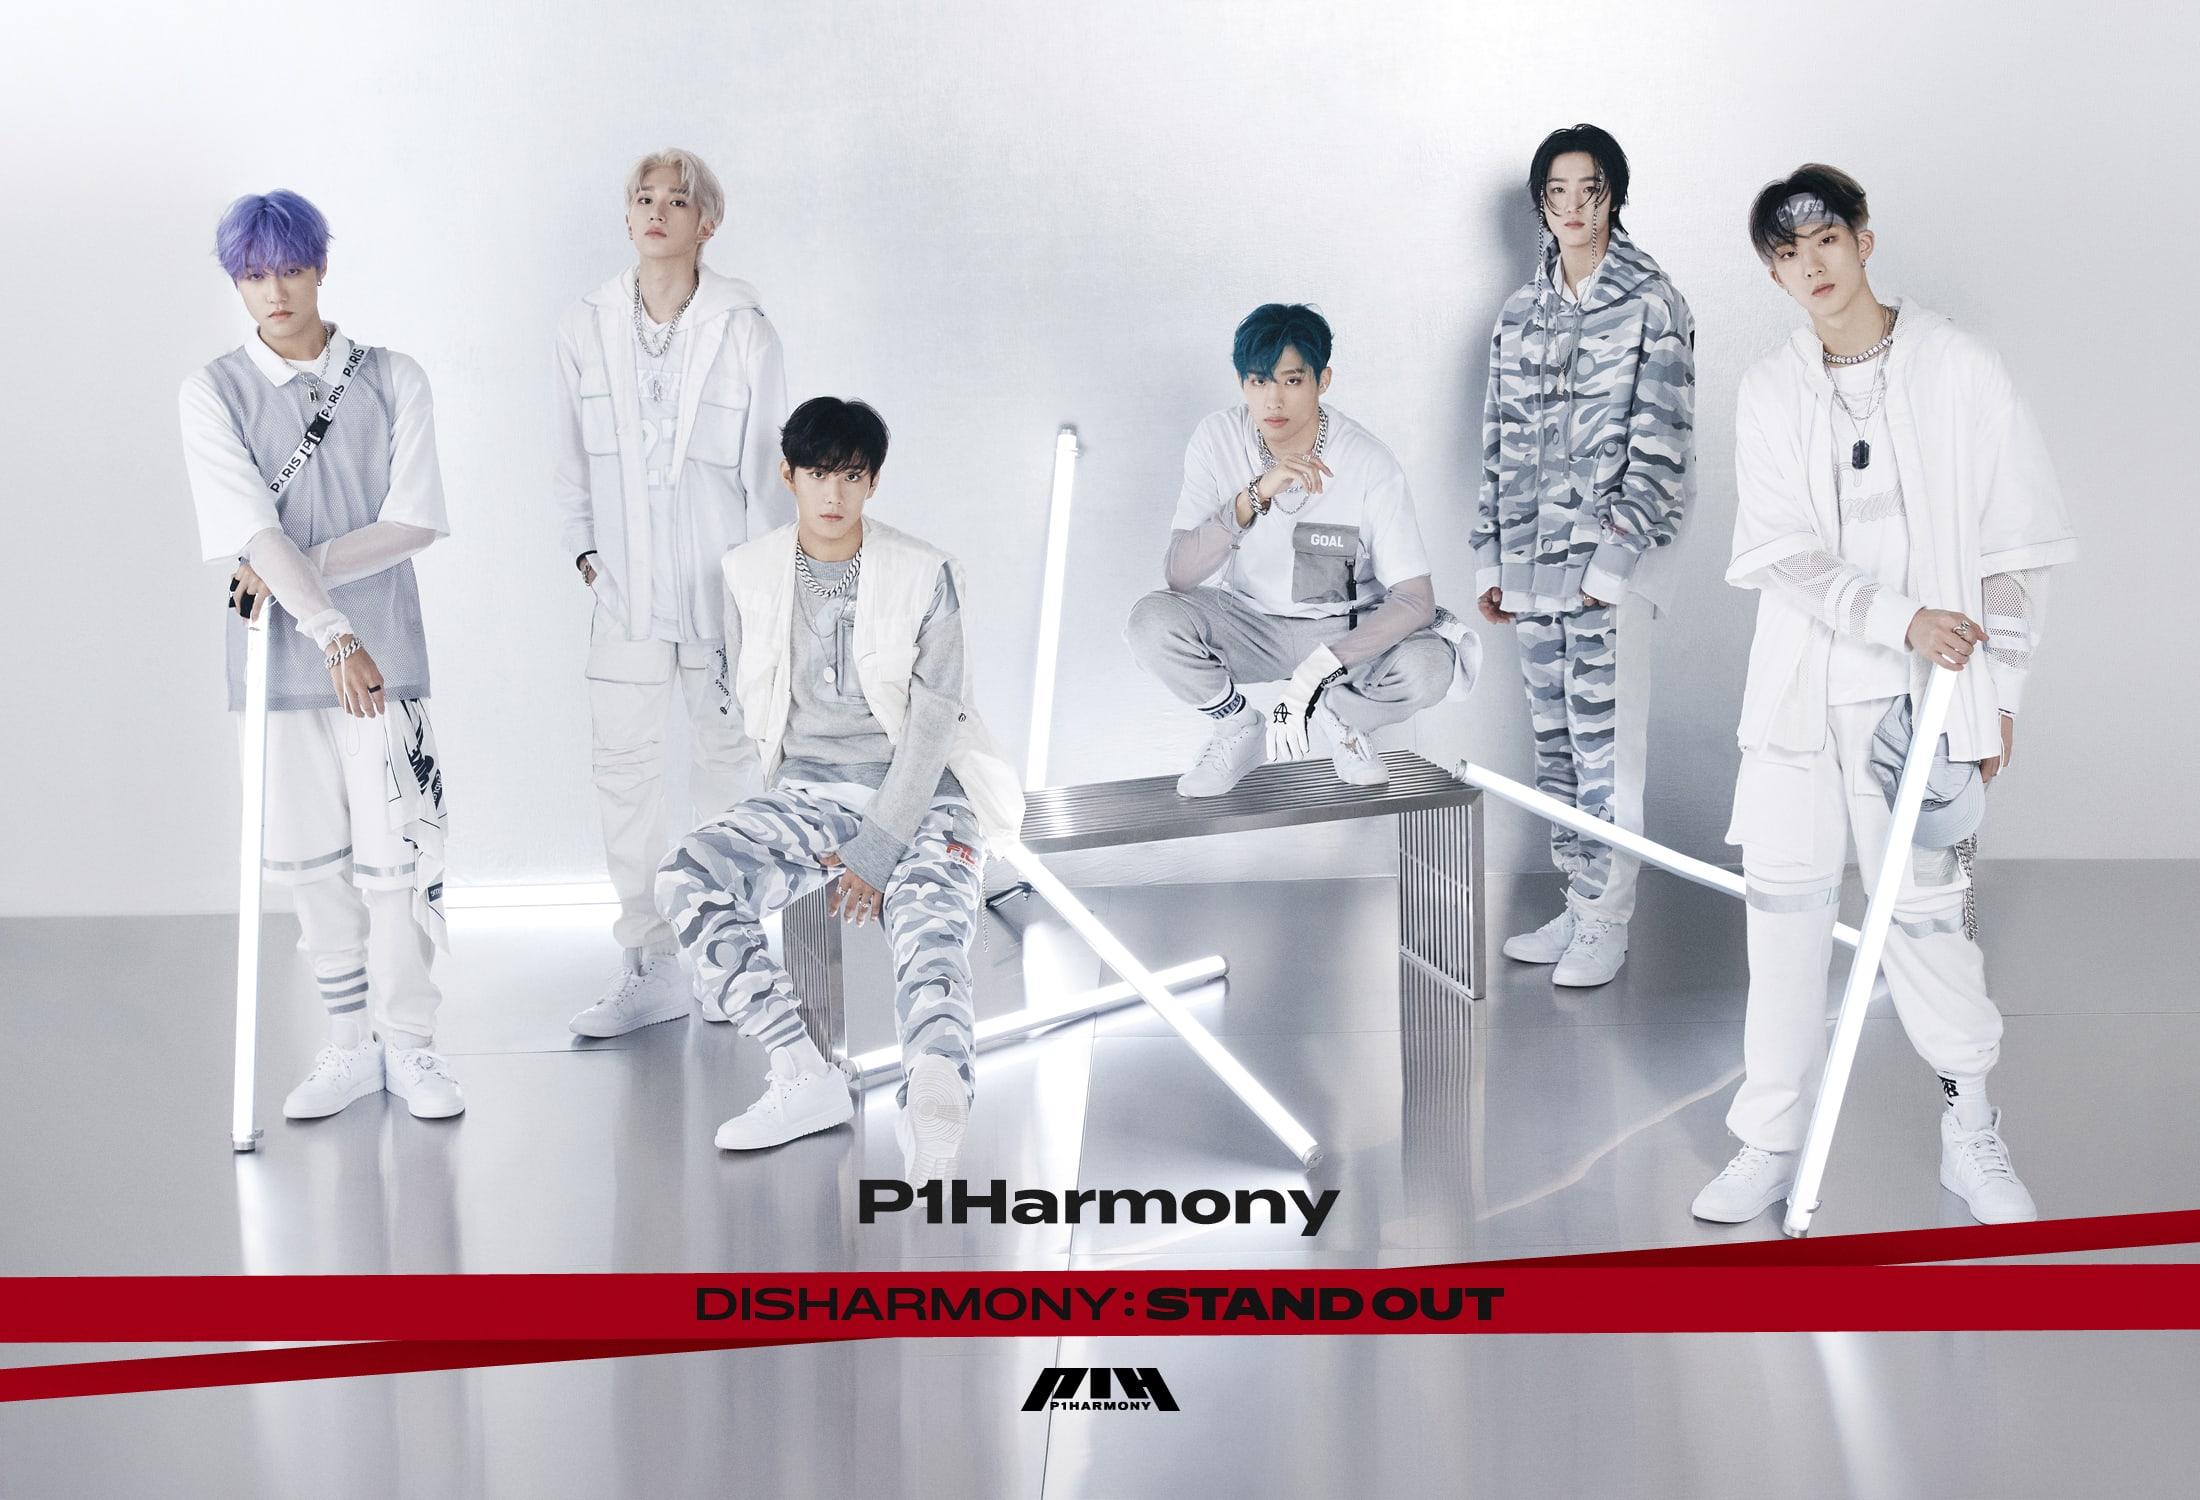 p1harmony3